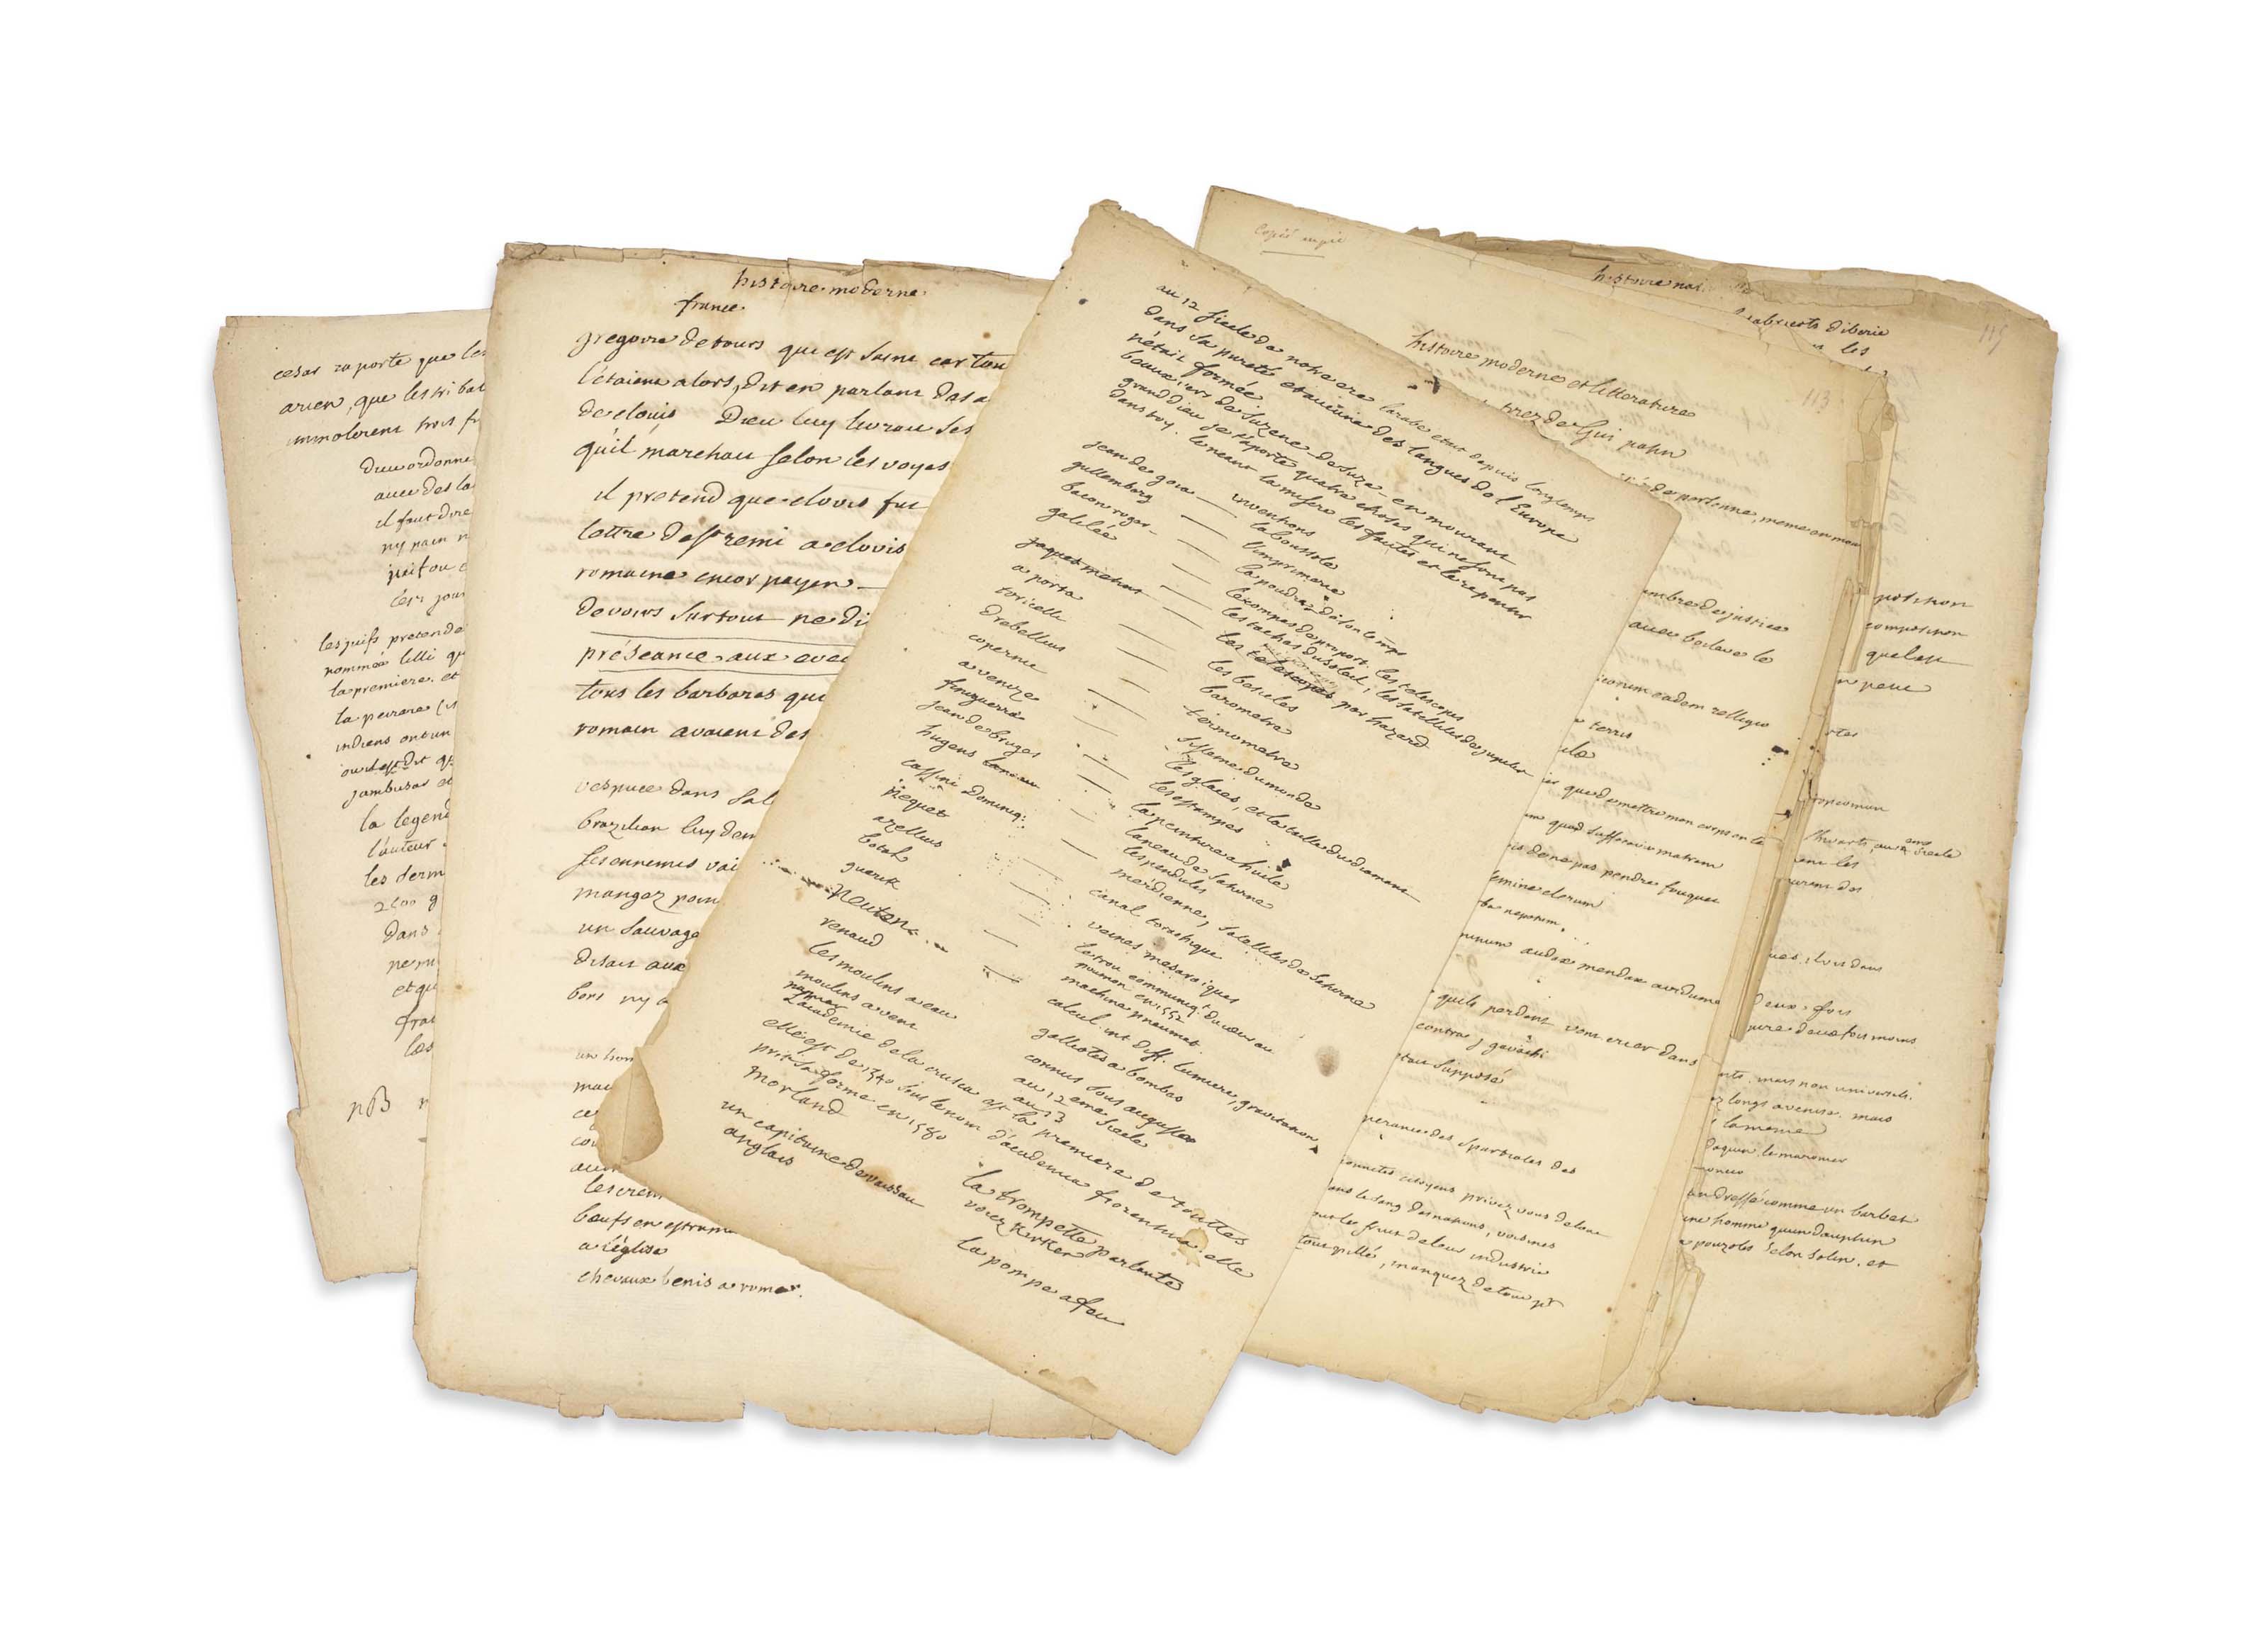 VOLTAIRE, François-Marie Arouet dit (1694-1775). Notes entièrement autographes sur divers sujets, non signées, sans date [vers 1752]. 9 feuillets in-folio (environ 340 x 215 mm) comportant 4 bifolia et un feuillet. Chacun d'eux a ultérieurement été soigneusement numéroté au crayon, lors du récollement des notes et carnets de Voltaire. Encre sur papier. (Quelques déchirures dans les marges sans perte de texte. Papier parfois jauni et sali.) Provenance: ancienne collection Tronc-Jeanson.